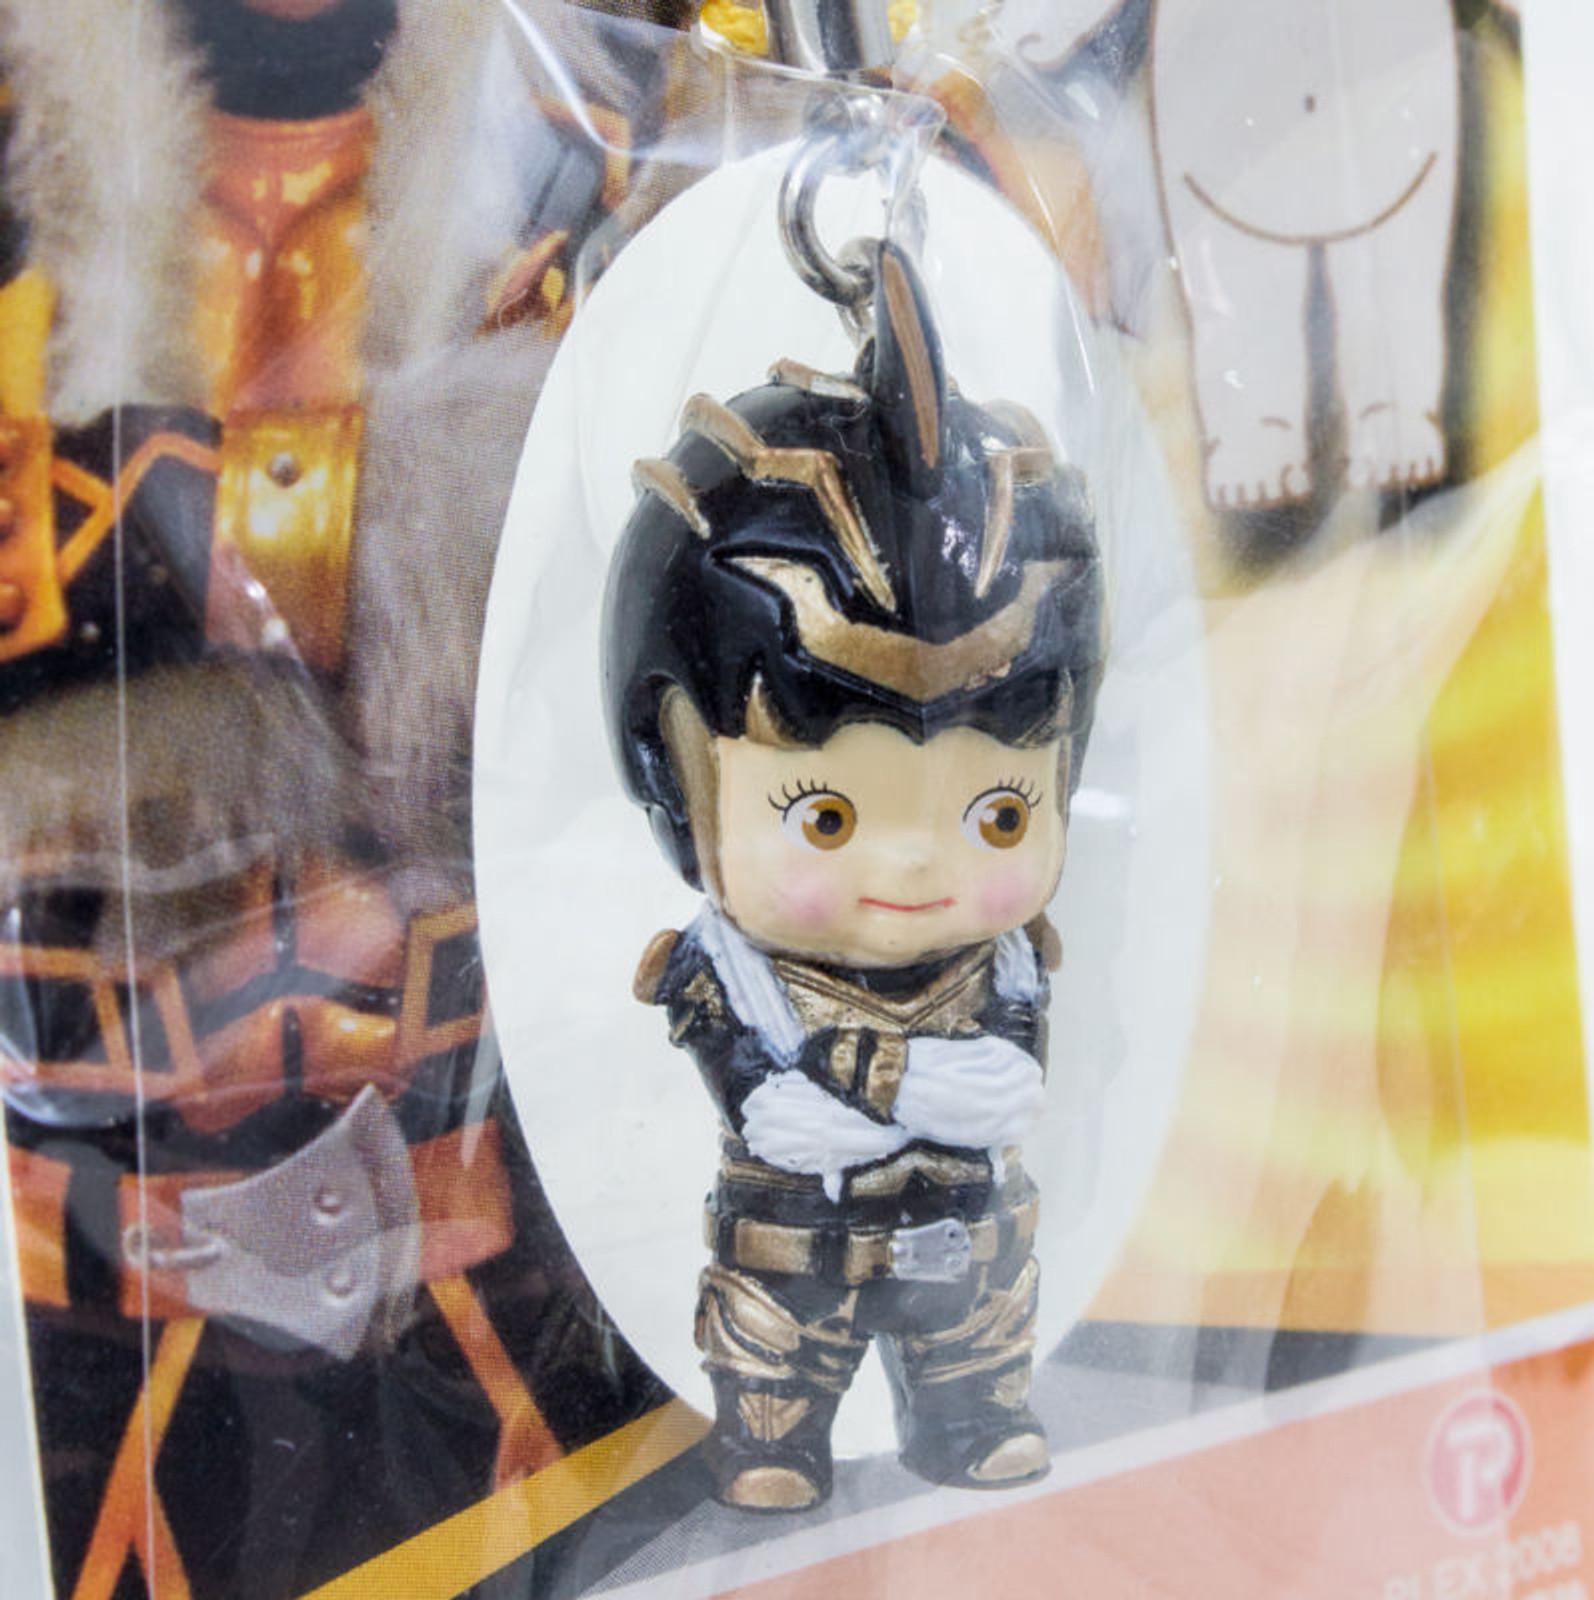 Kamen Rider Denoh Kintarosu Rose O'neill Kewpie Kewsion Strap JAPAN